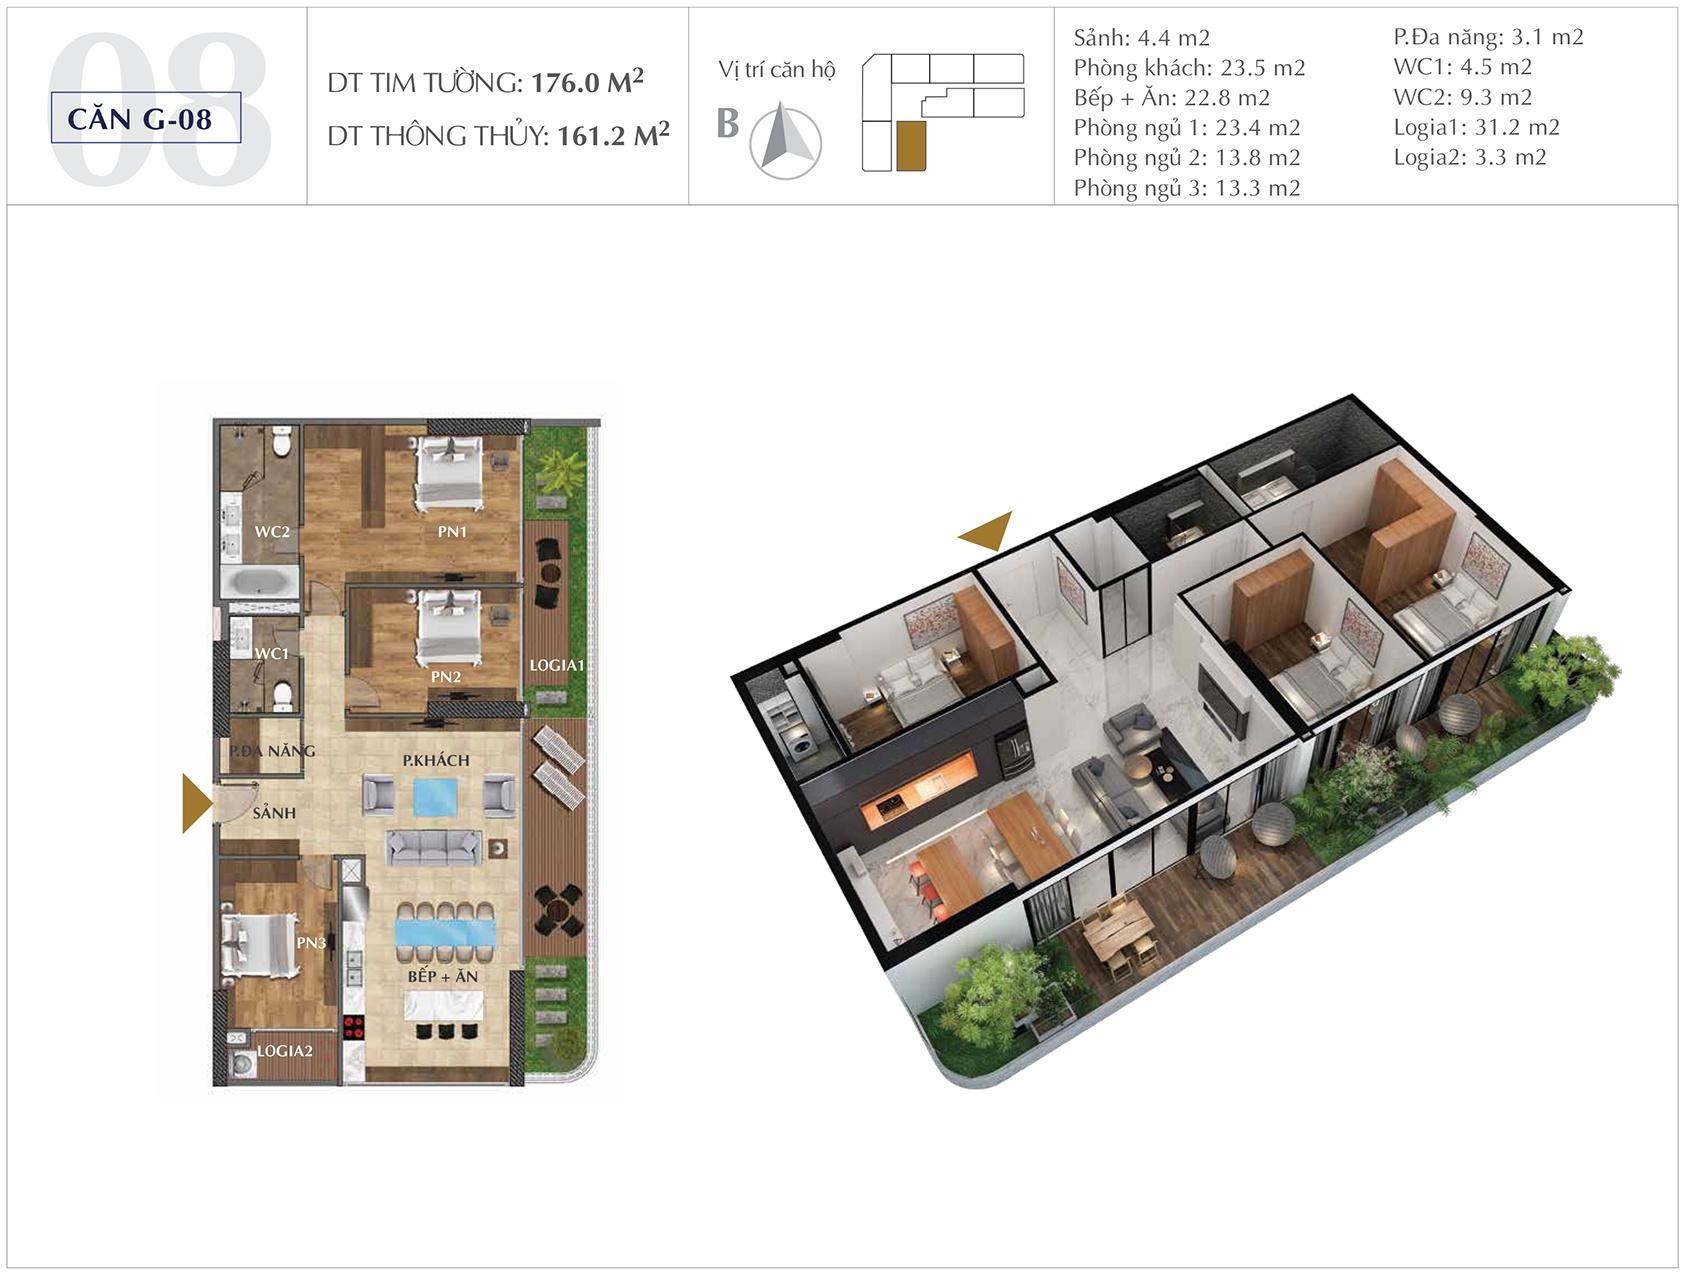 Thiết kế căn hộ G-08